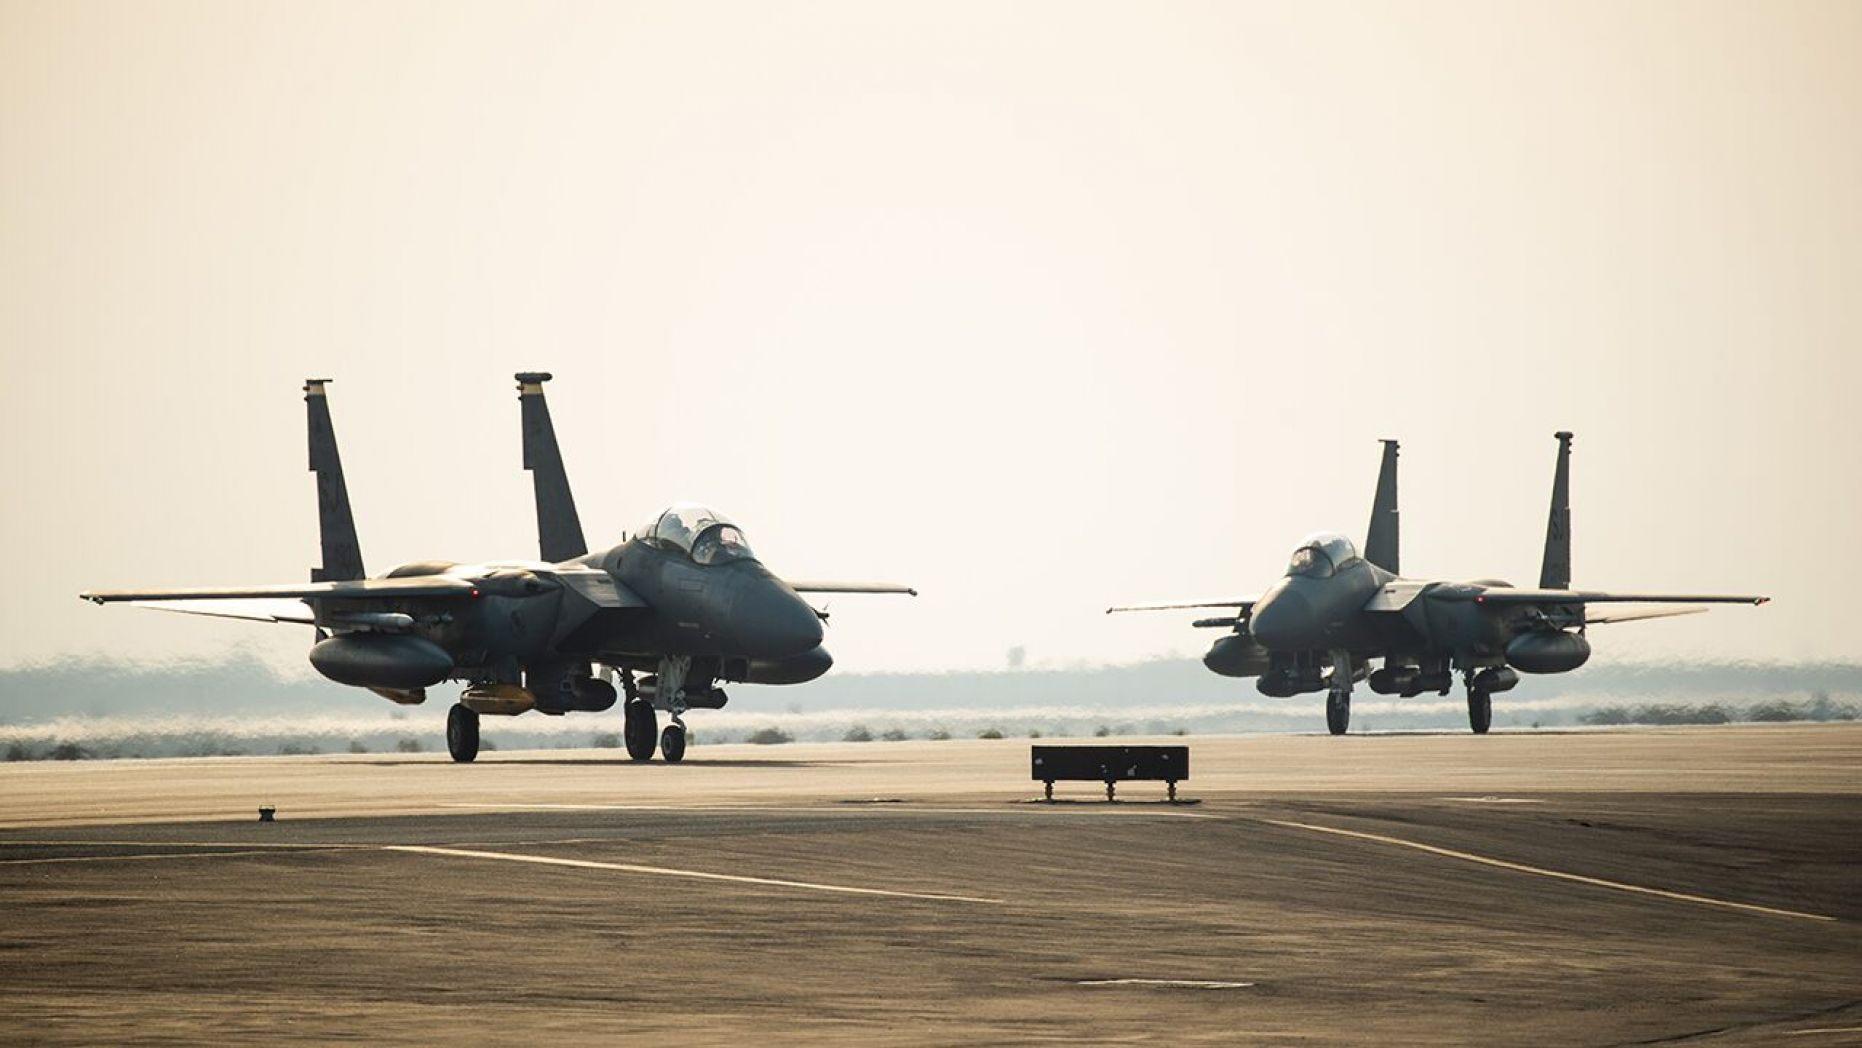 سرب من الطائرات المقاتلة الأمريكيّة تصل أبوظبي وسط توترات مع إيران